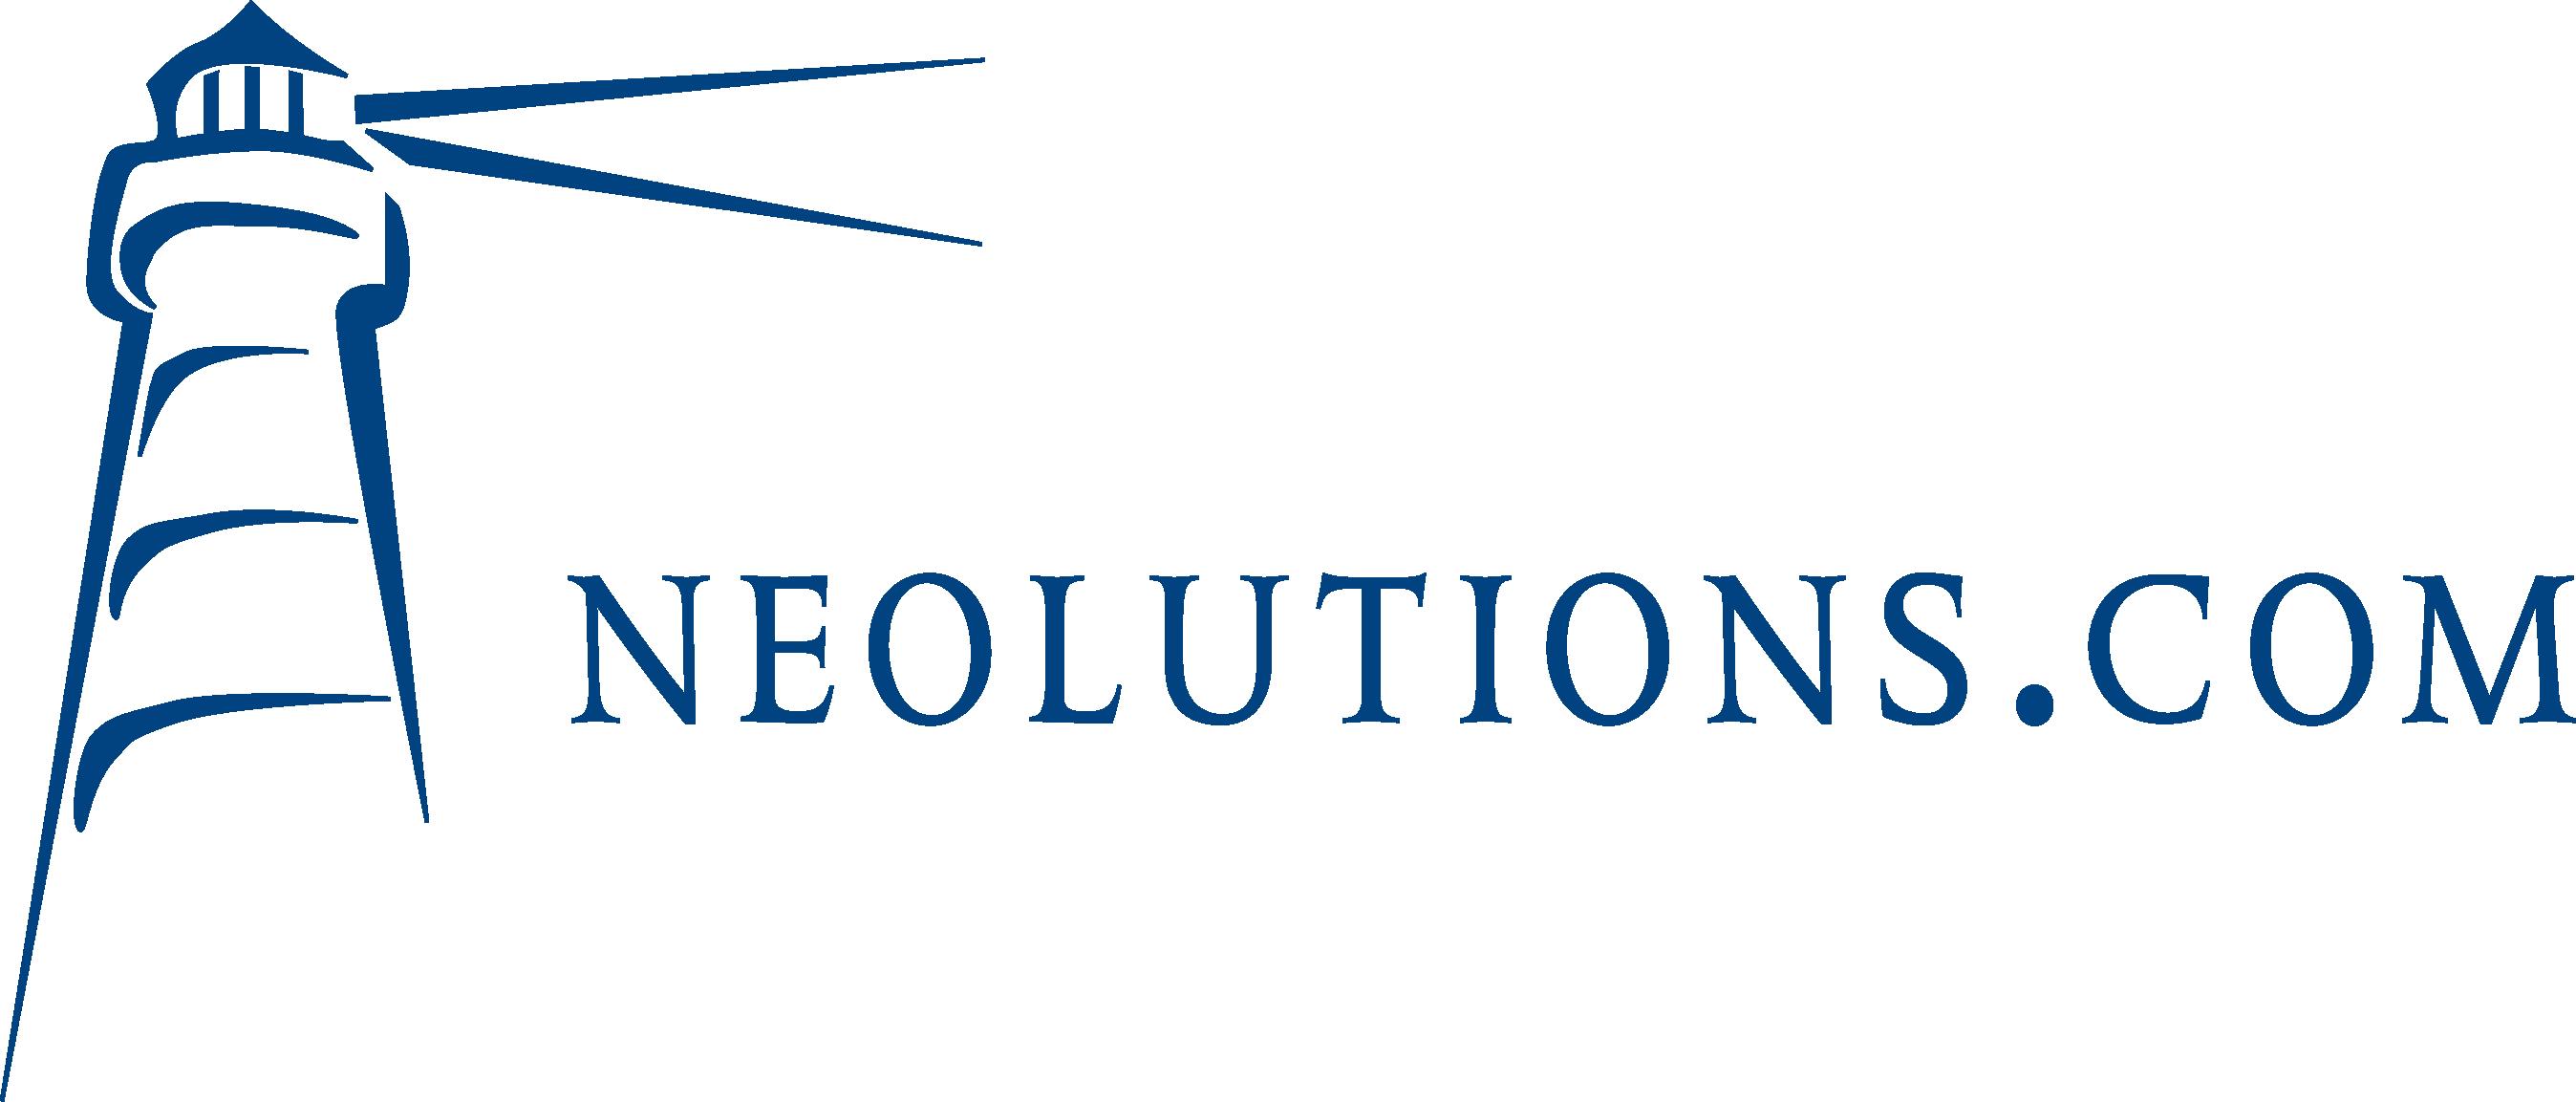 Kooperationspartner Neolutions